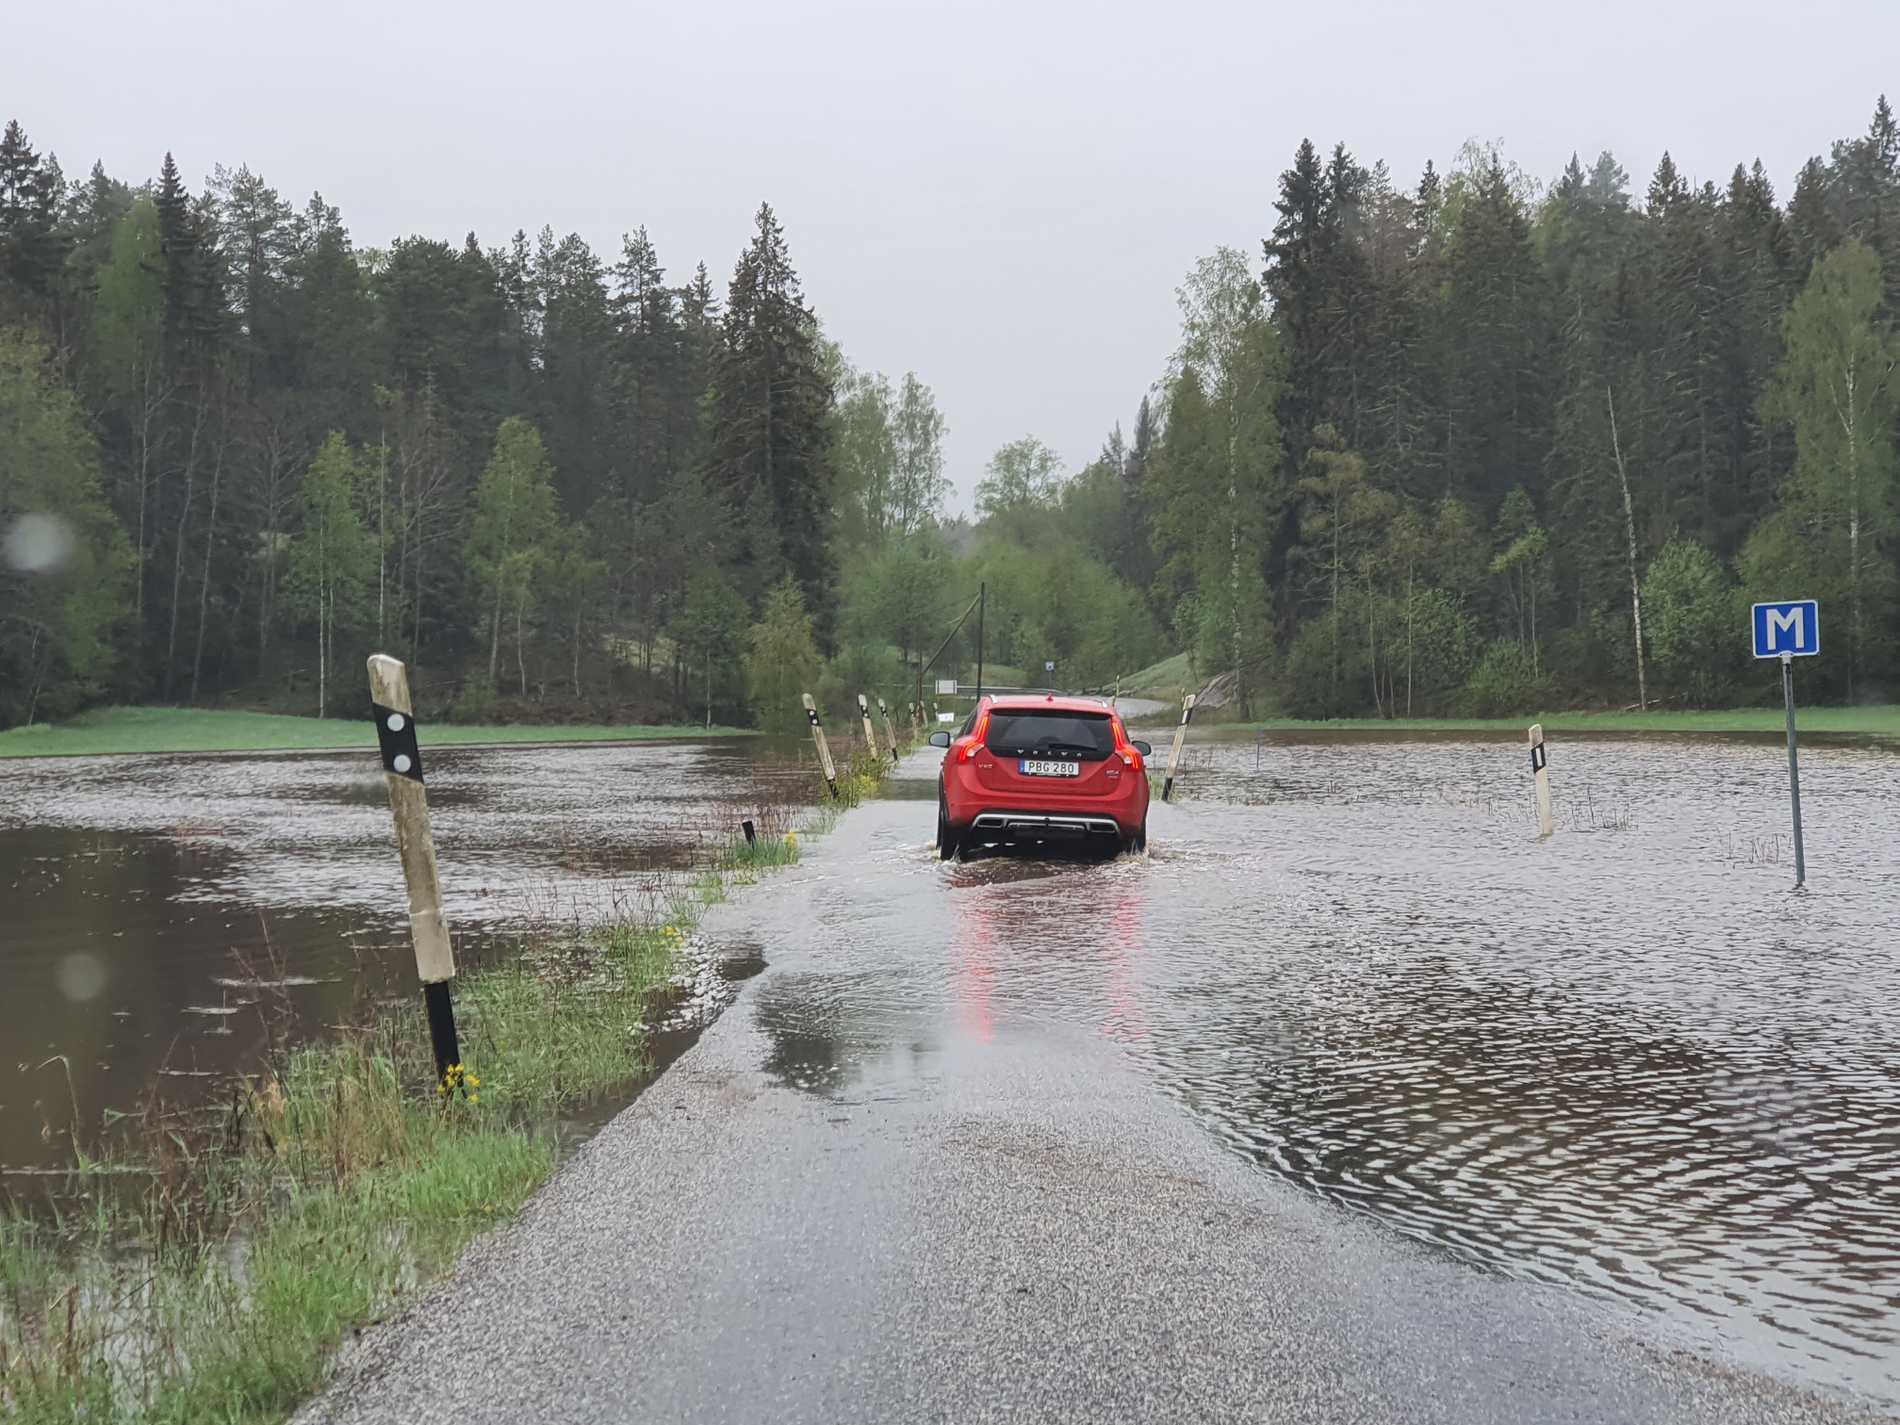 En bilist i Åkersberga stod stilla mitt på vägen, förmodligen i väntan på att vattenmassorna skulle sjunka undan.